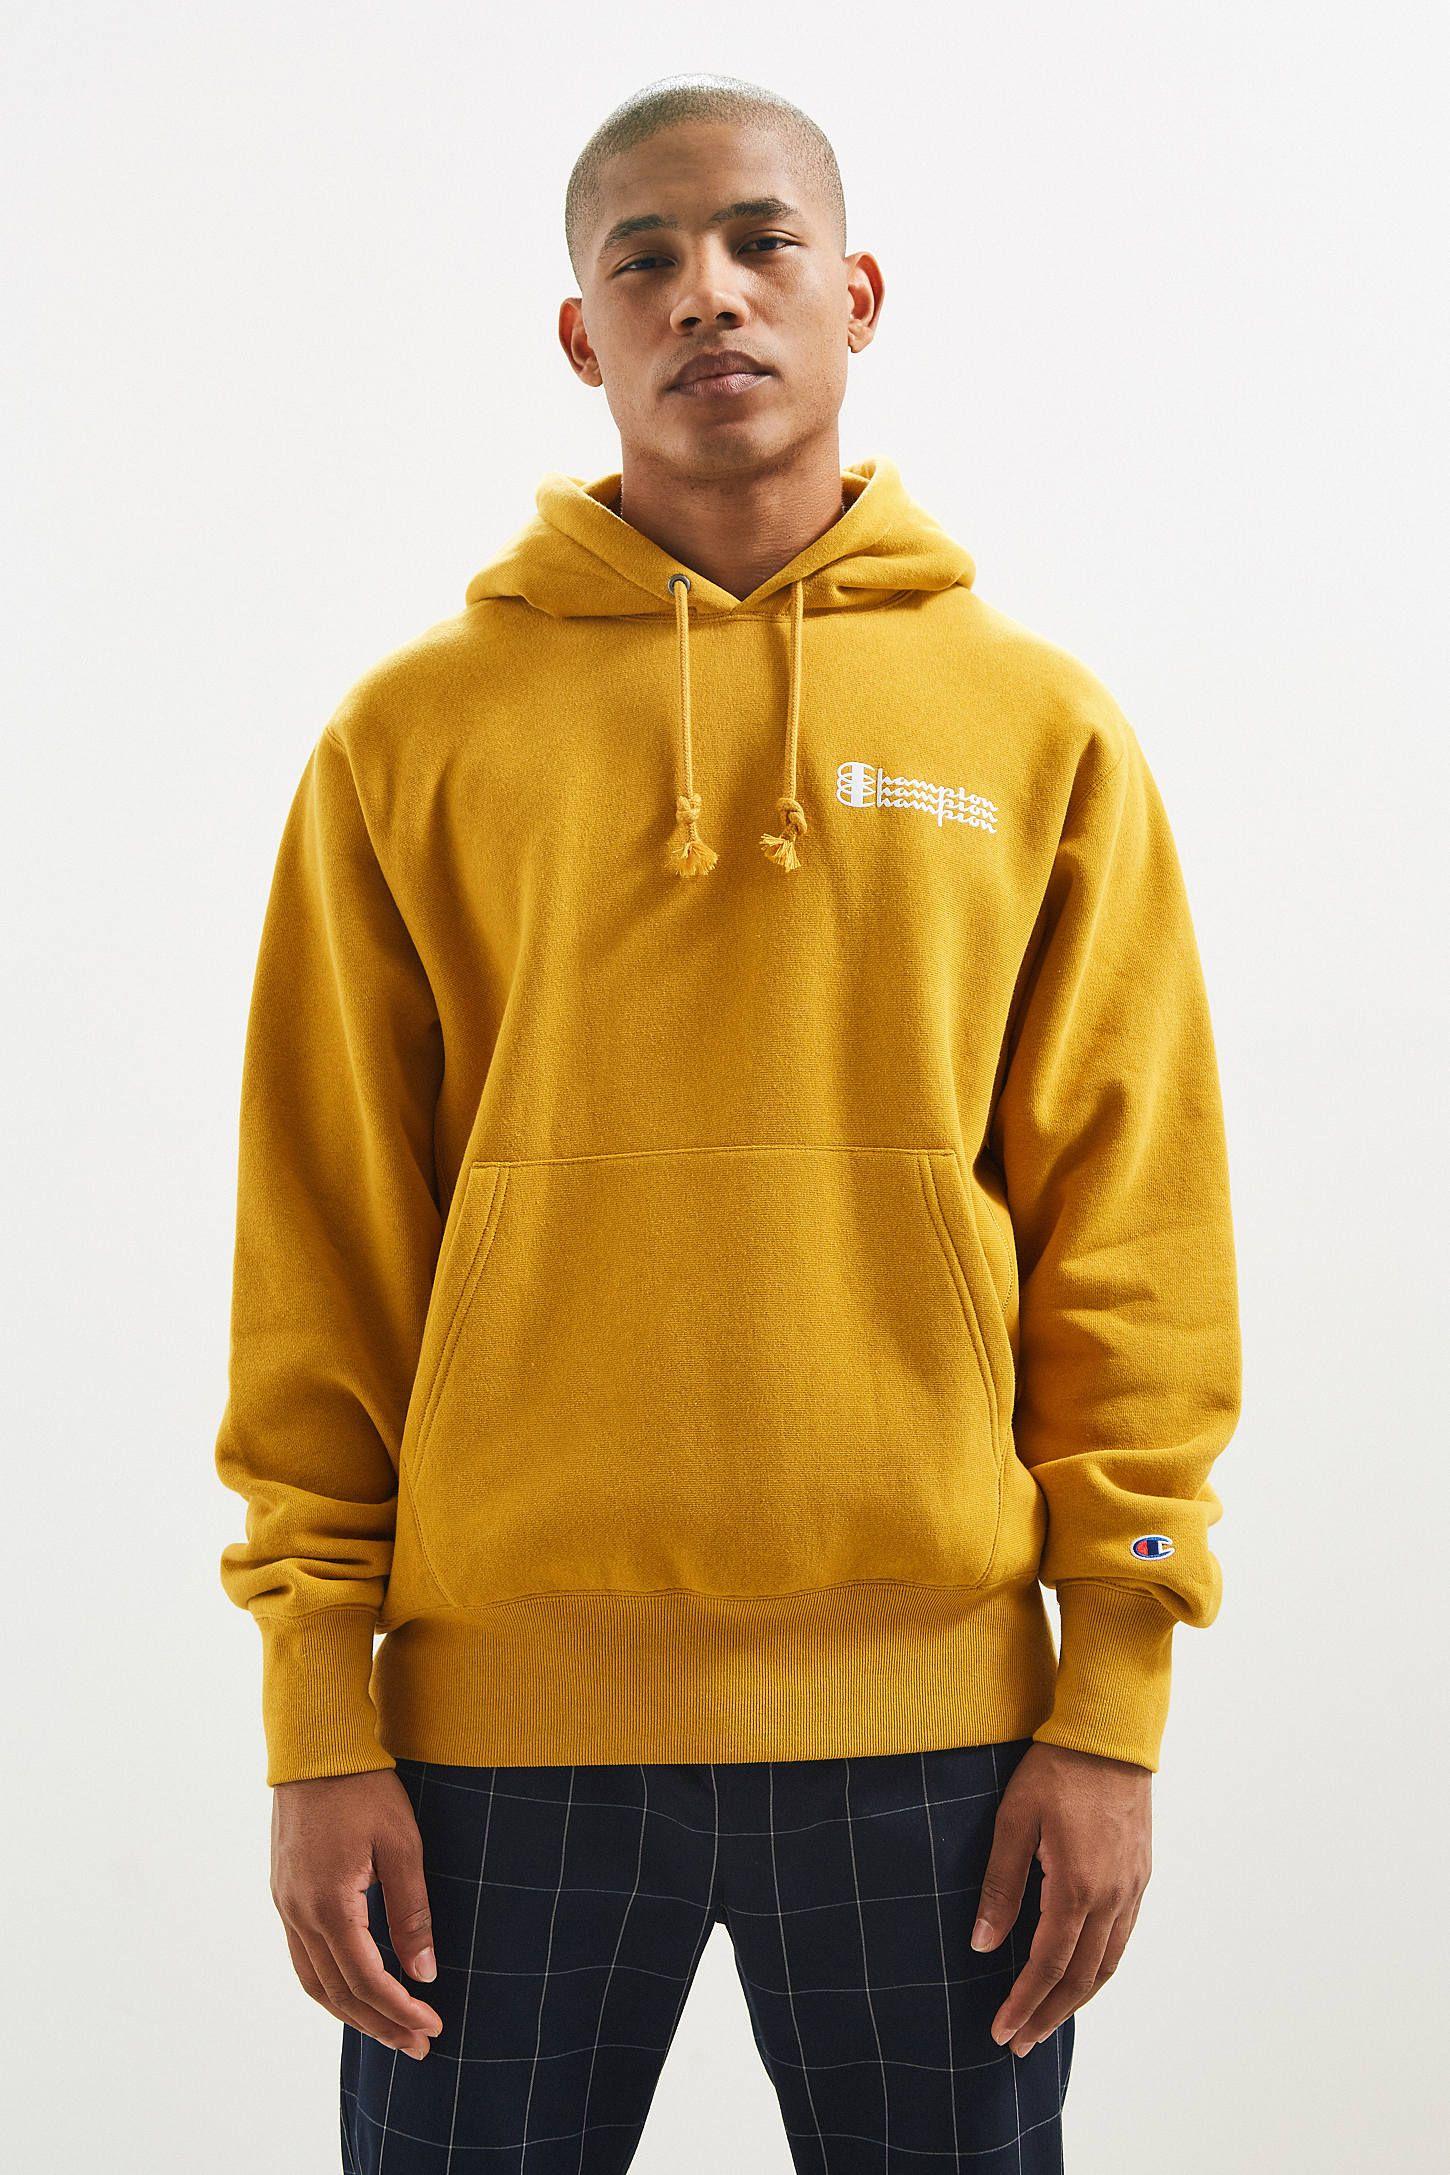 Champion Uo Exclusive Triple Script Reverse Weave Hoodie Sweatshirt Sweatshirts Hoodie Hoodies Sweatshirts [ 2175 x 1450 Pixel ]